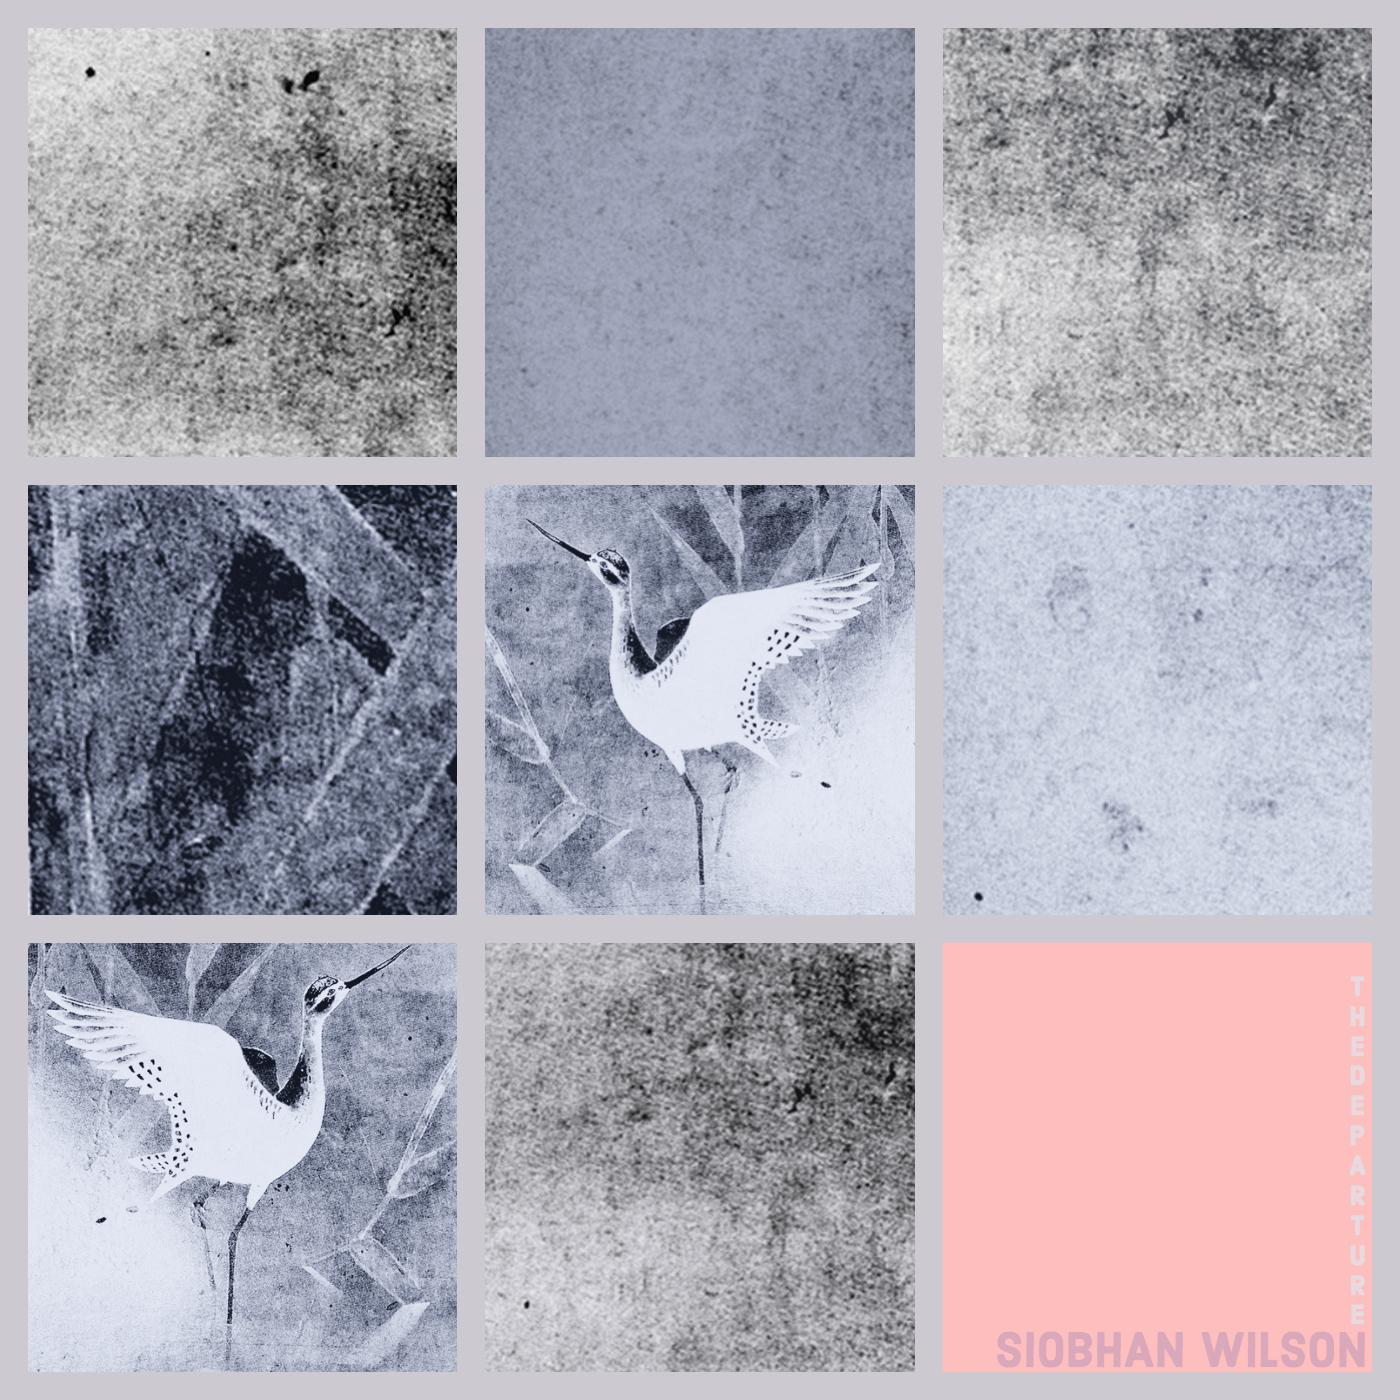 Siobhan Wilson_The Departure artwork